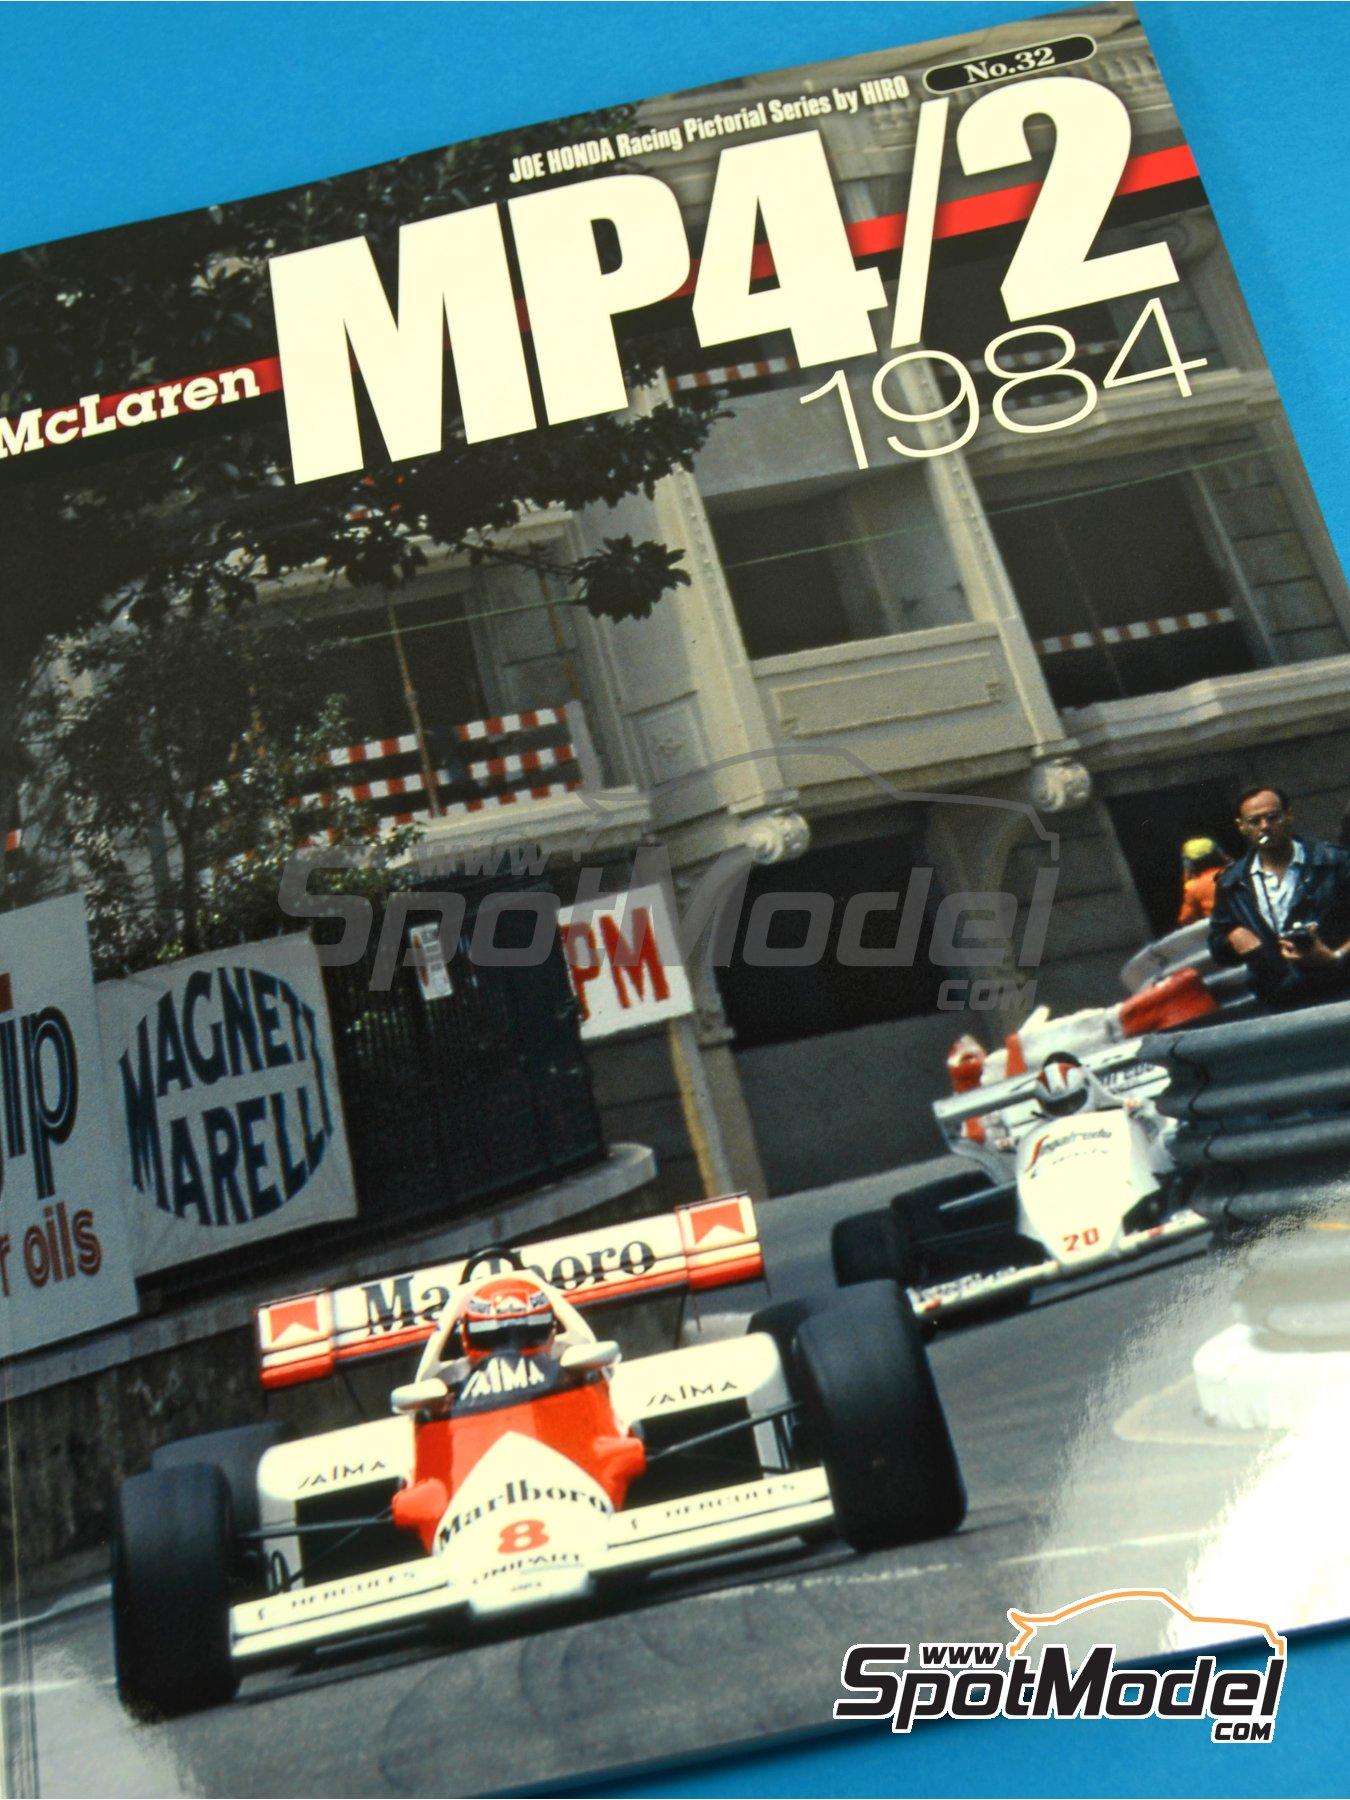 JOE HONDA Racing Pictorial Series - MP4/2 | Libro de referencia fabricado por Model Factory Hiro (ref.MFH-JH32) image